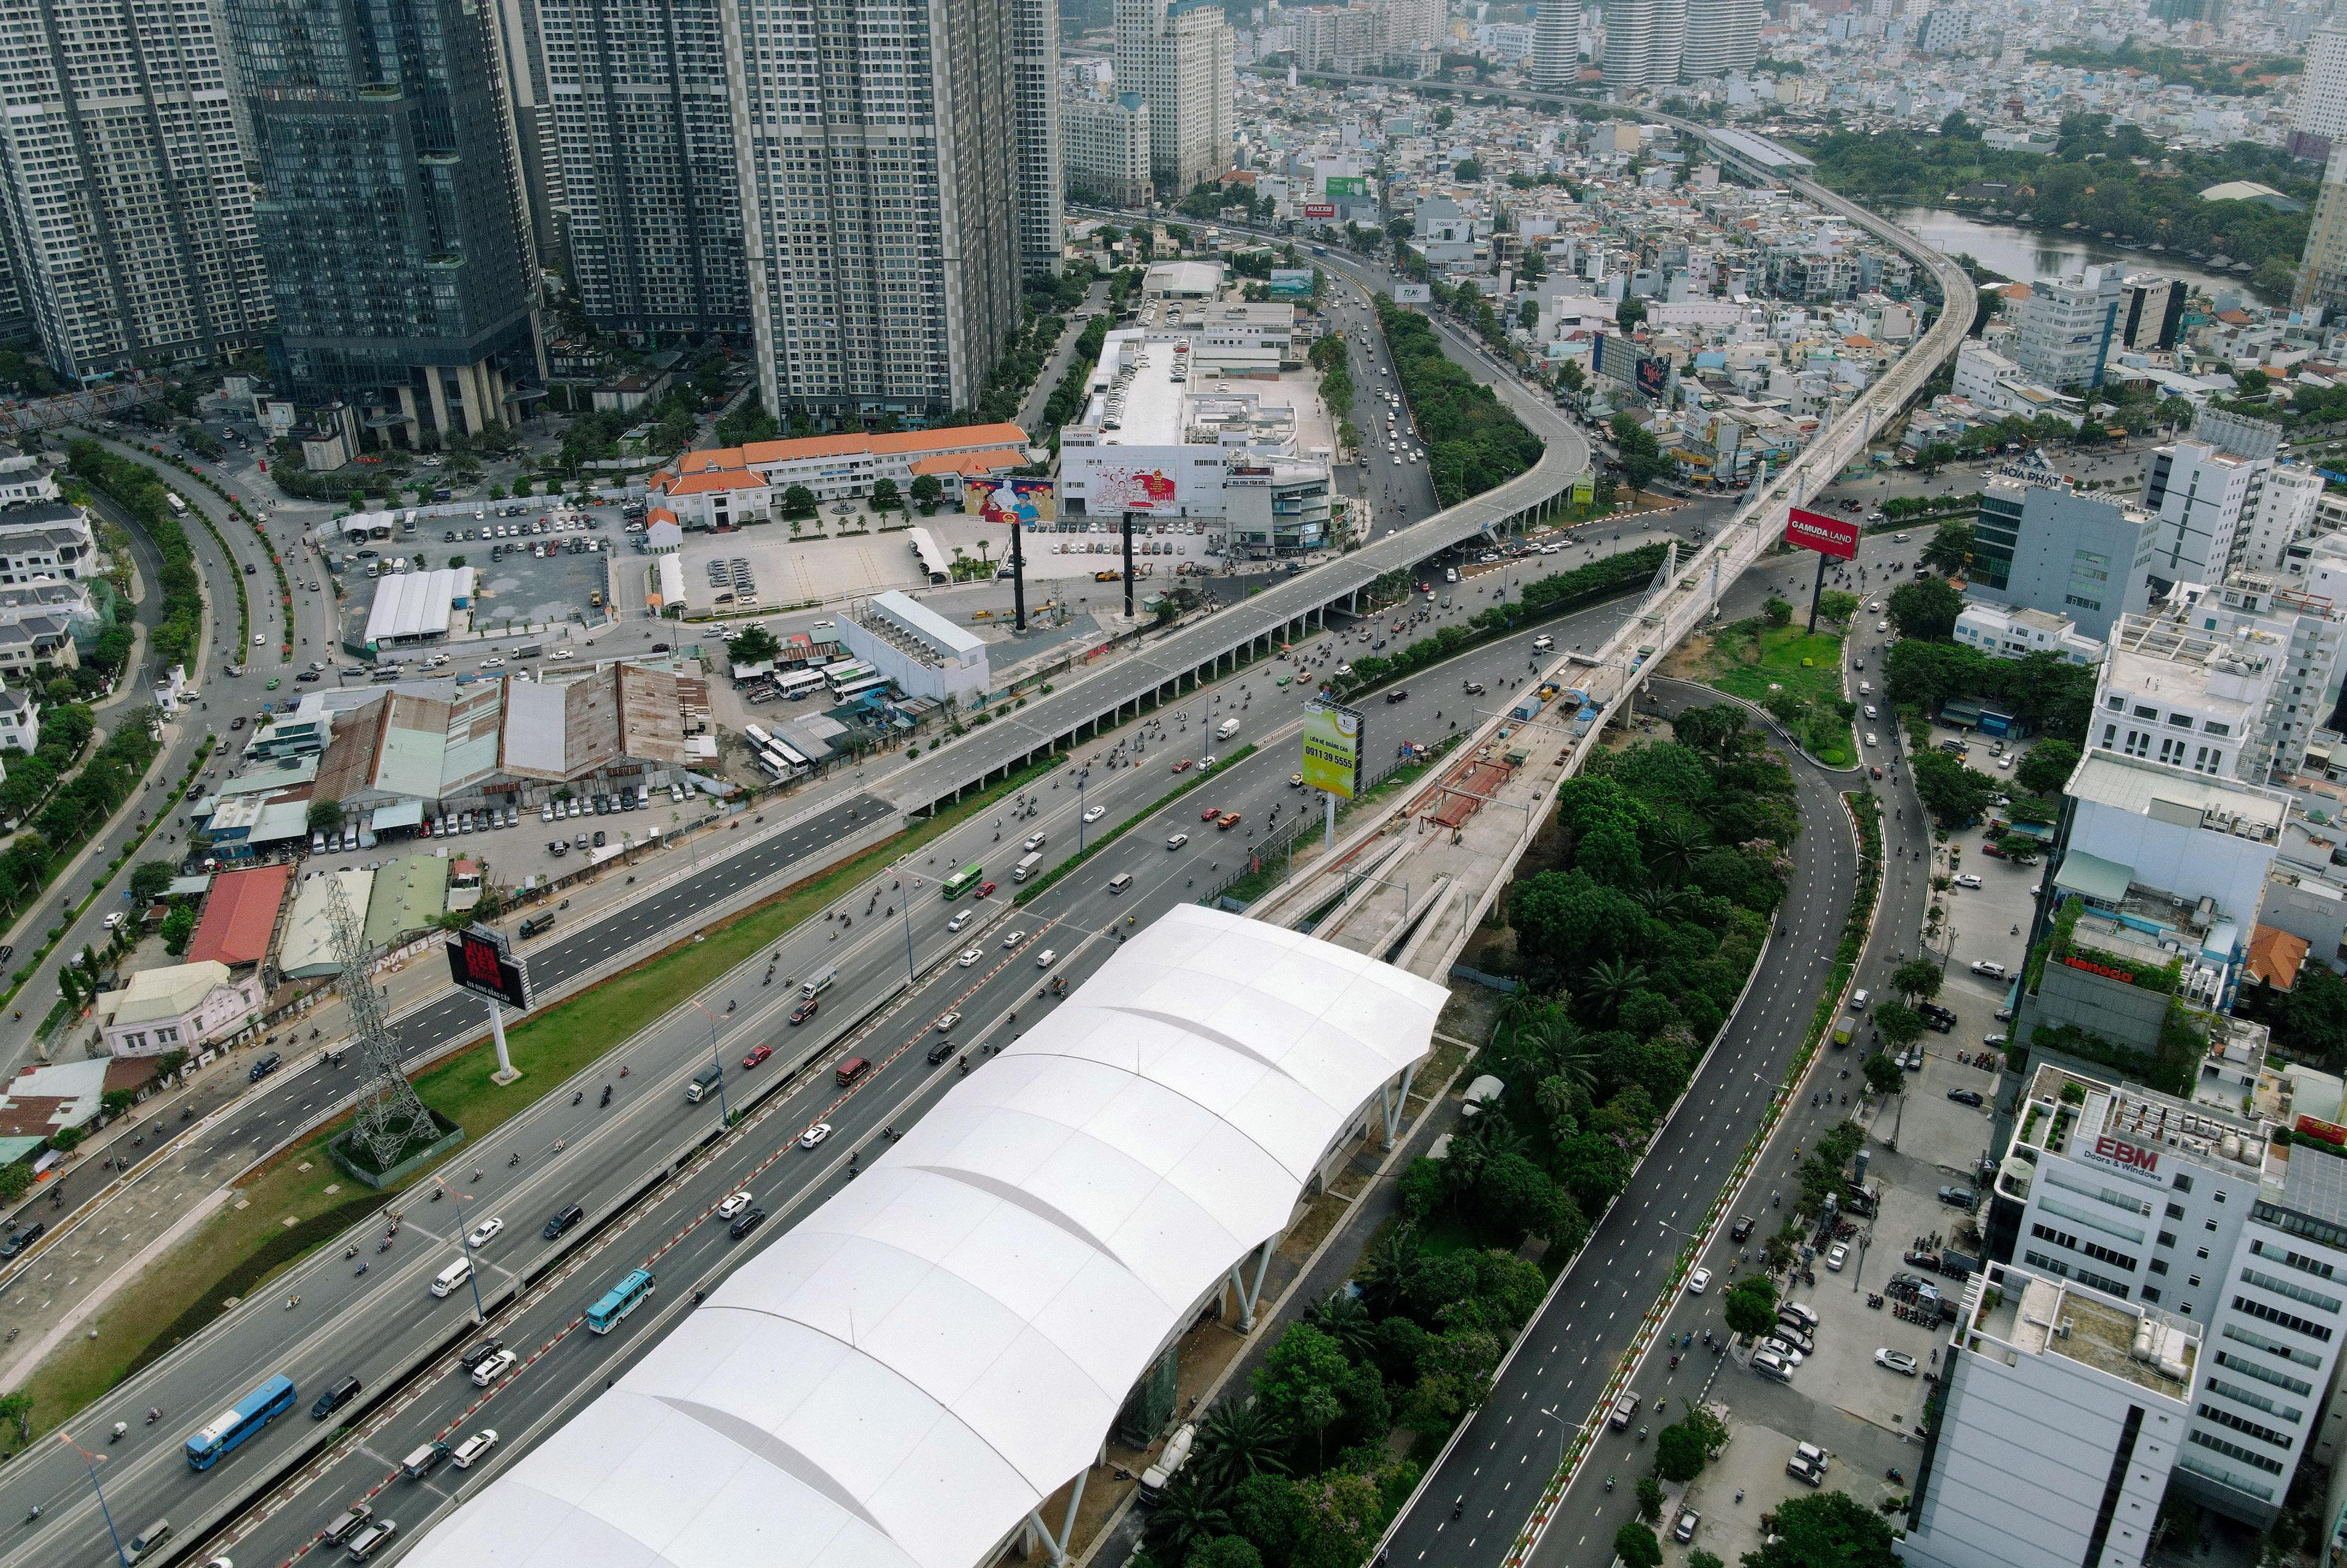 Ngắm tuyến metro đầu tiên của TPHCM sau gần 10 năm chờ đợi - 20